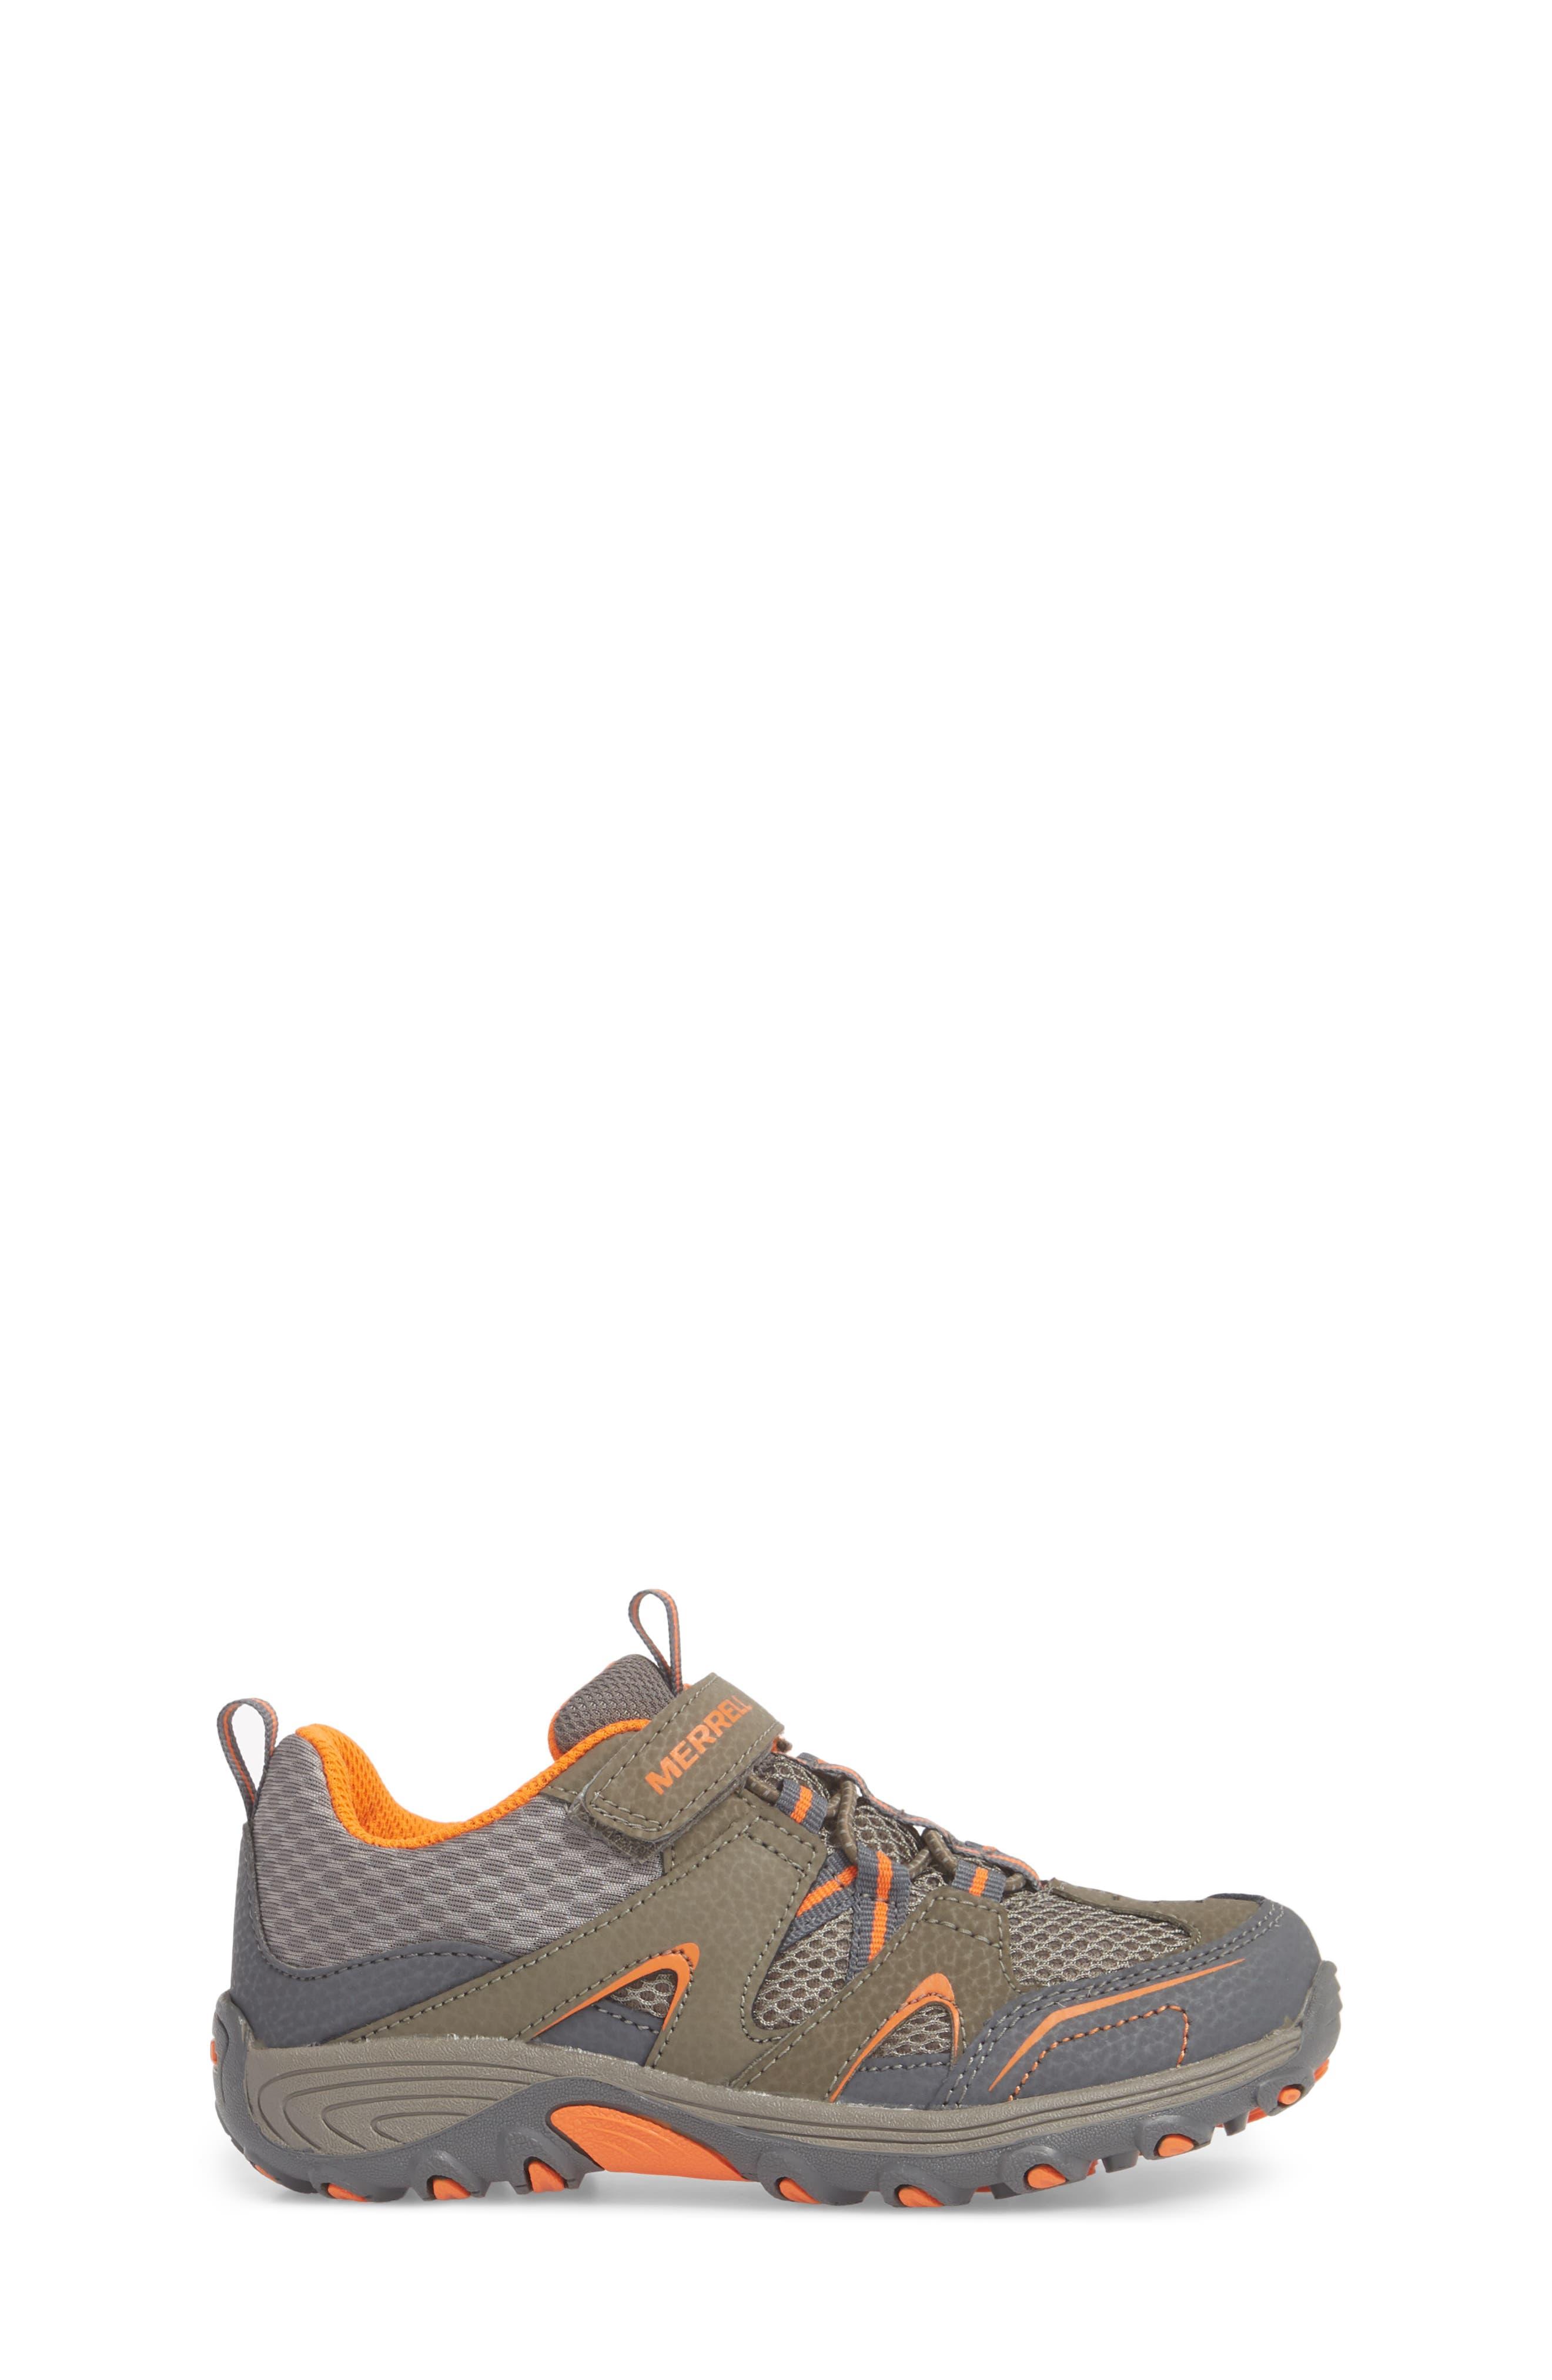 MERRELL, Trail Chaser Sneaker, Alternate thumbnail 3, color, GUNSMOKE/ ORANGE